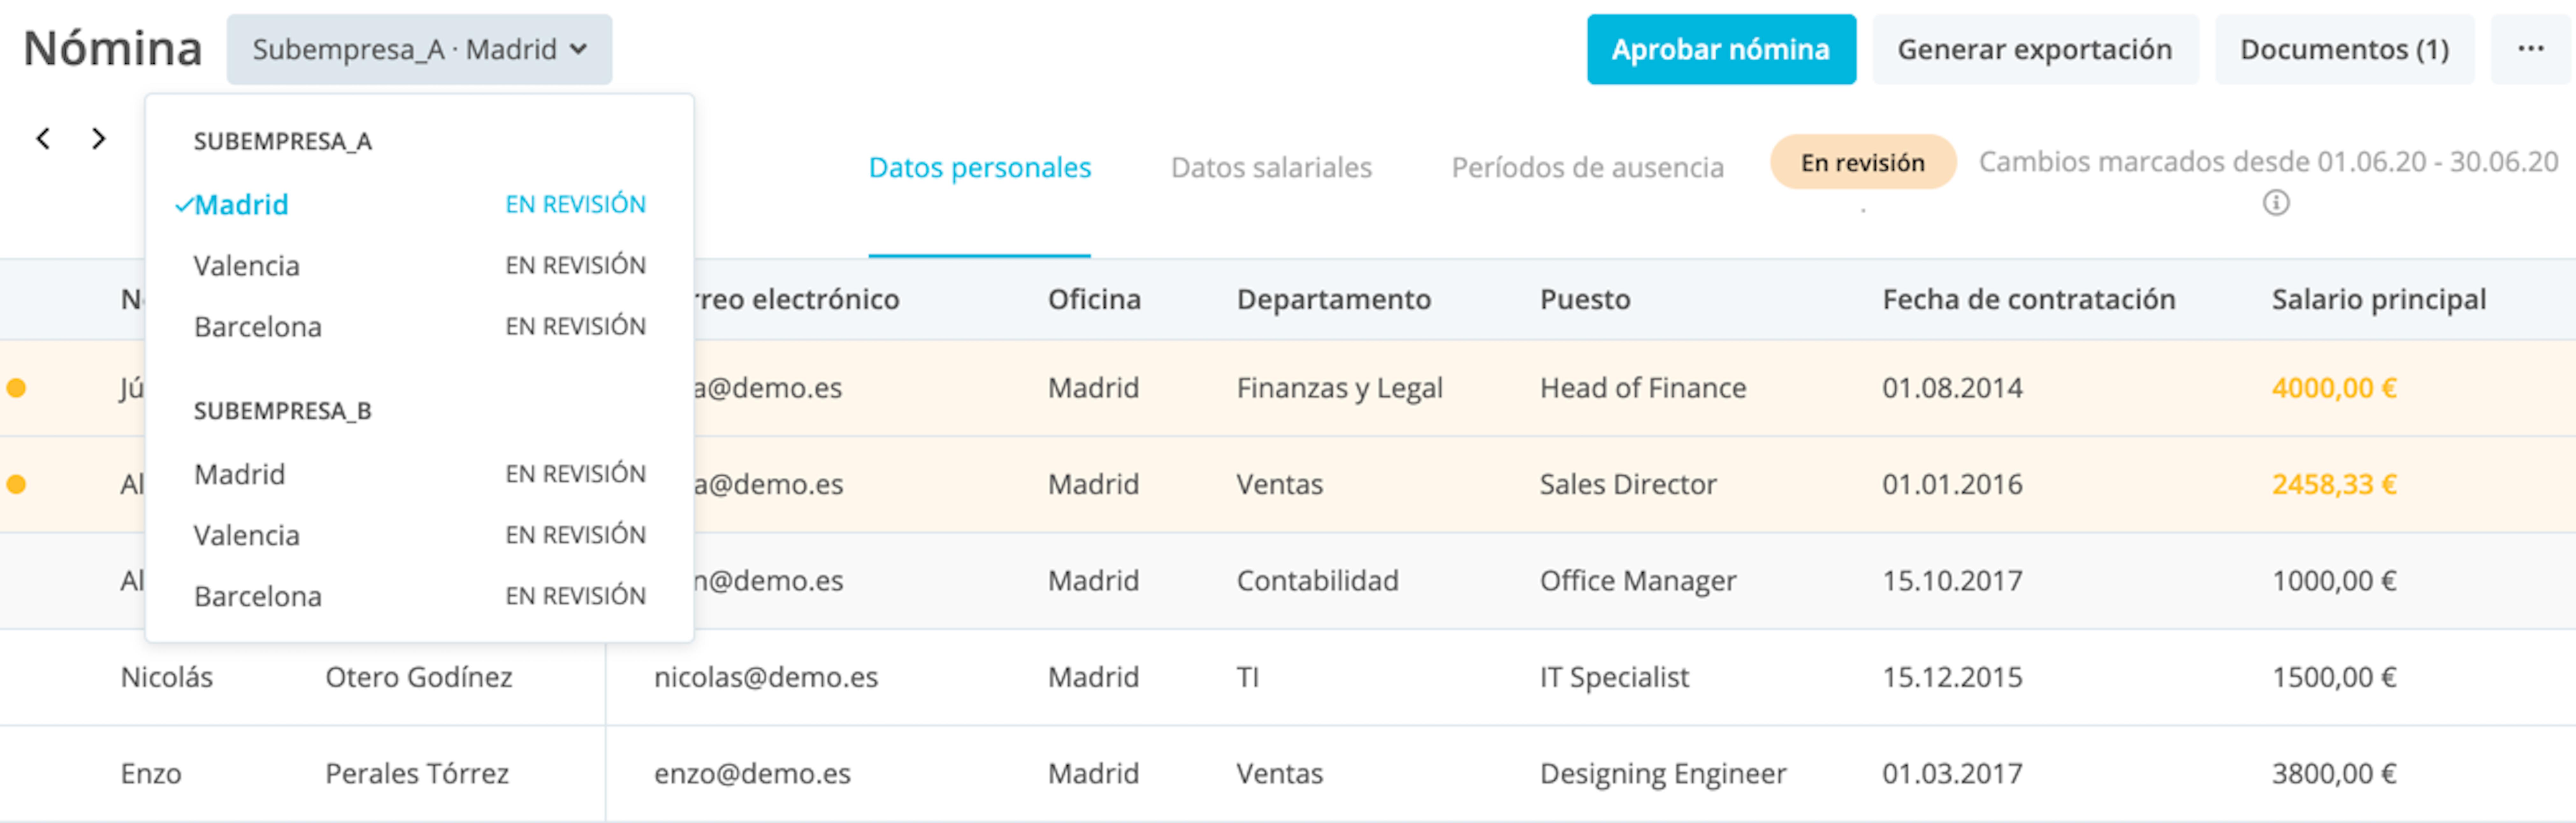 Subcompanies-Payroll_es.png